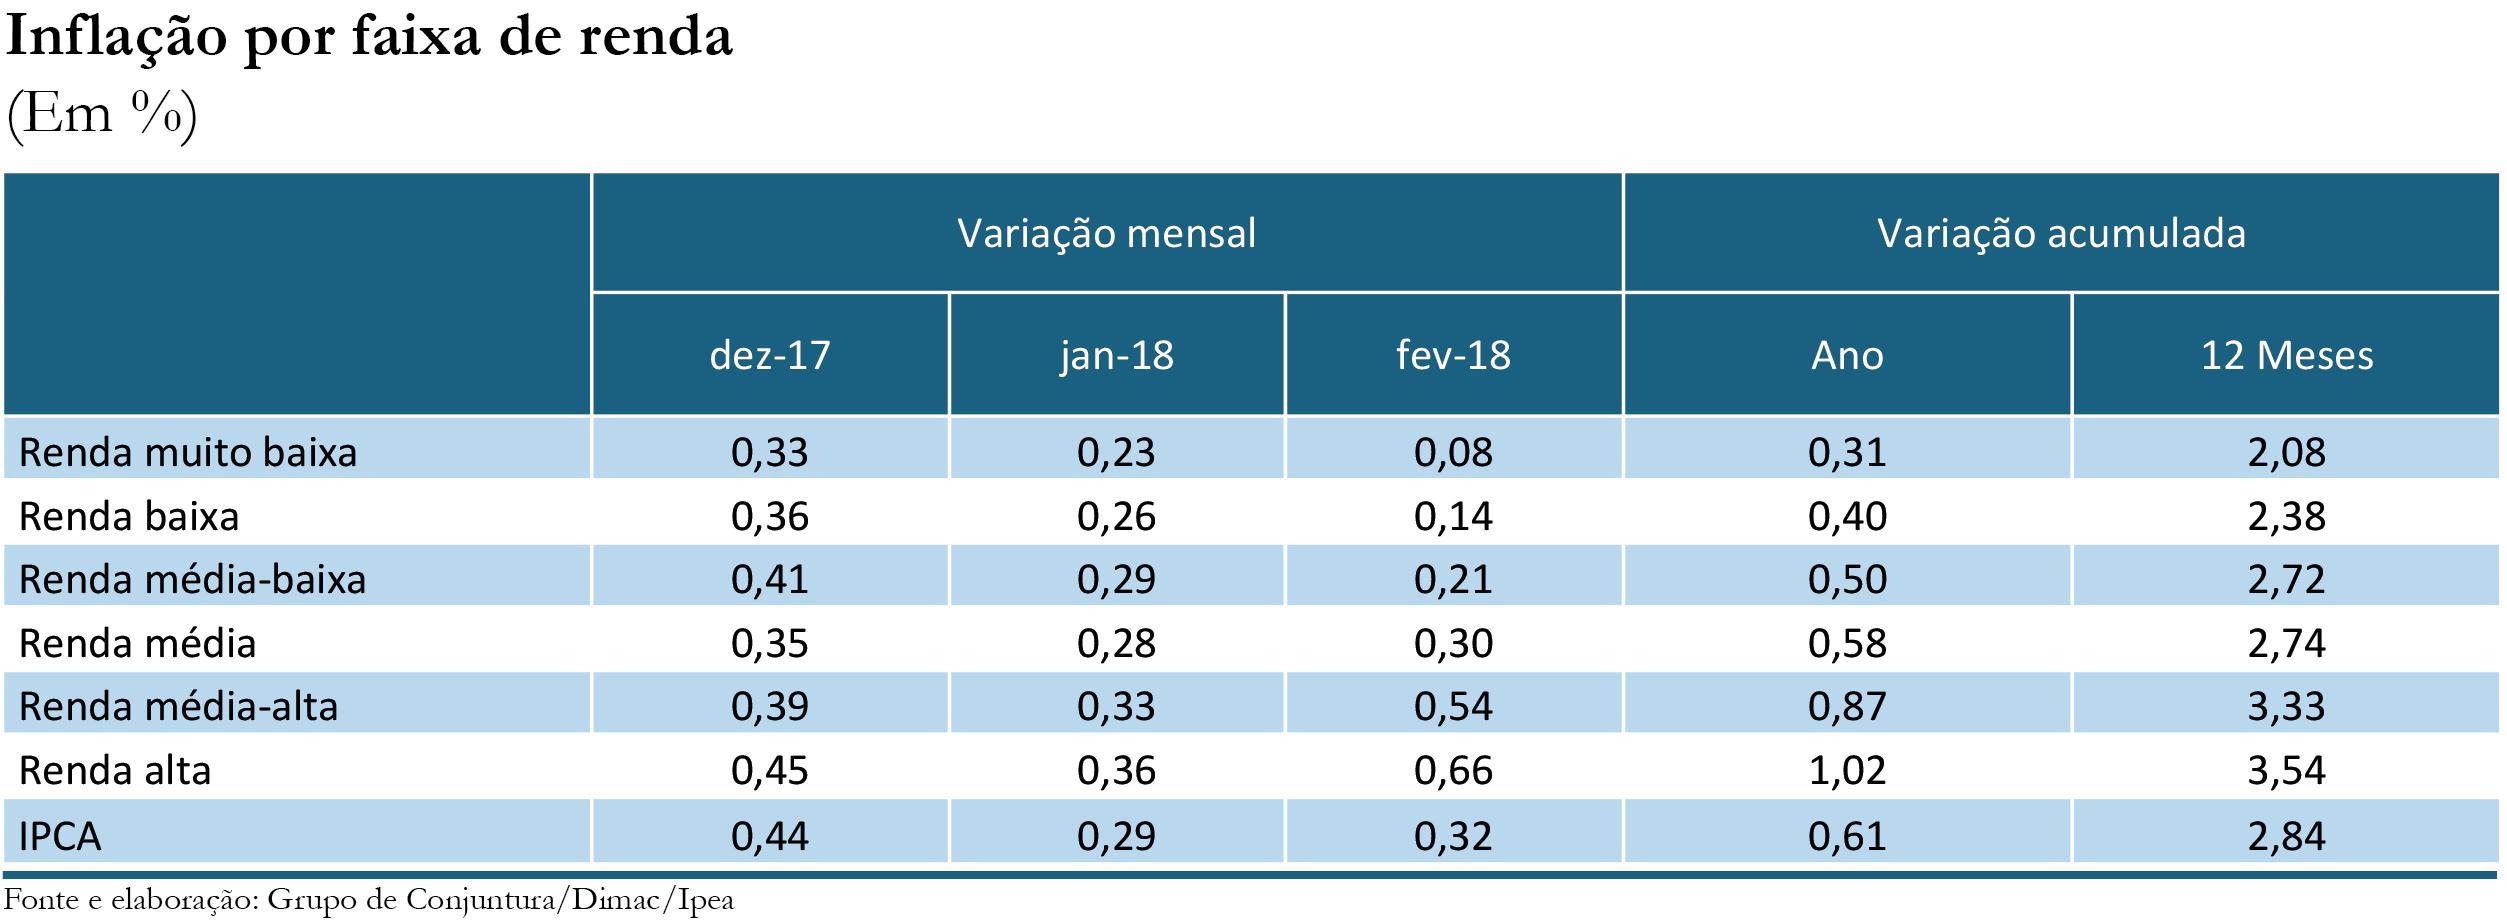 Inflação por faixa de renda_fev-18